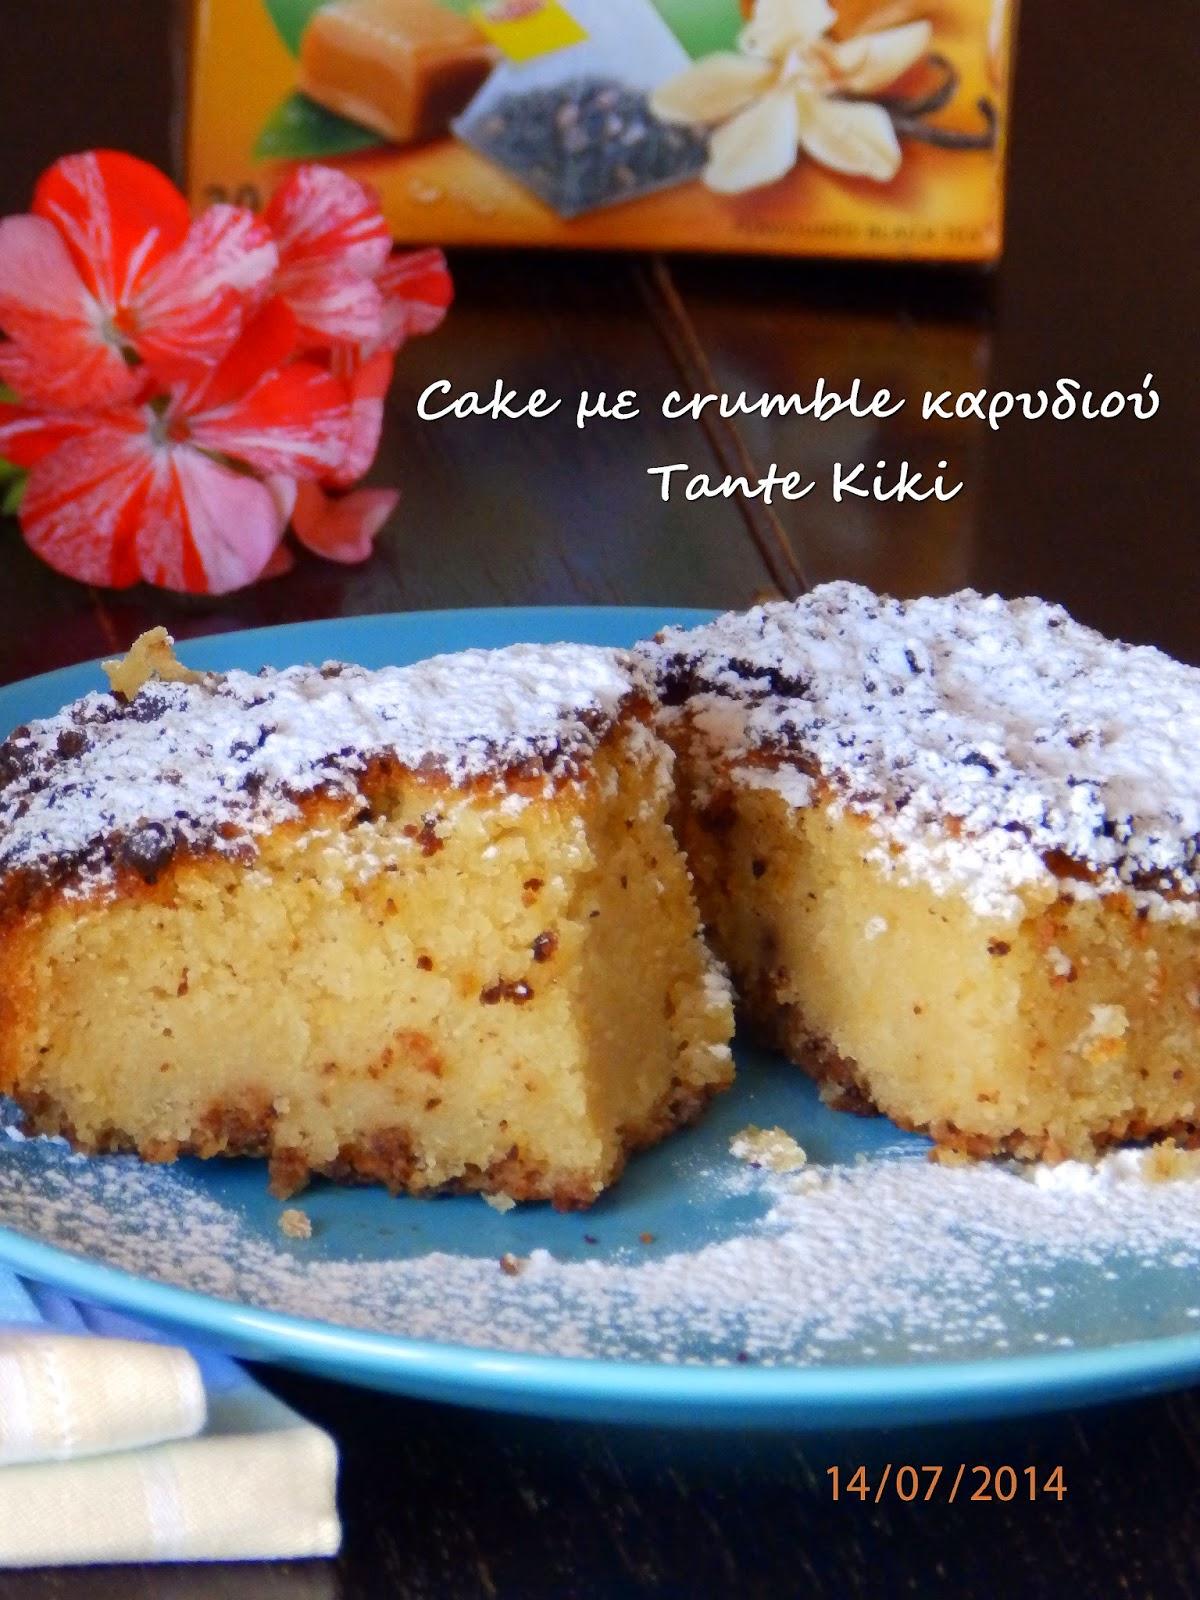 όπου υπάρχει crumble... υπάρχει και ένα crumble cake;;;;